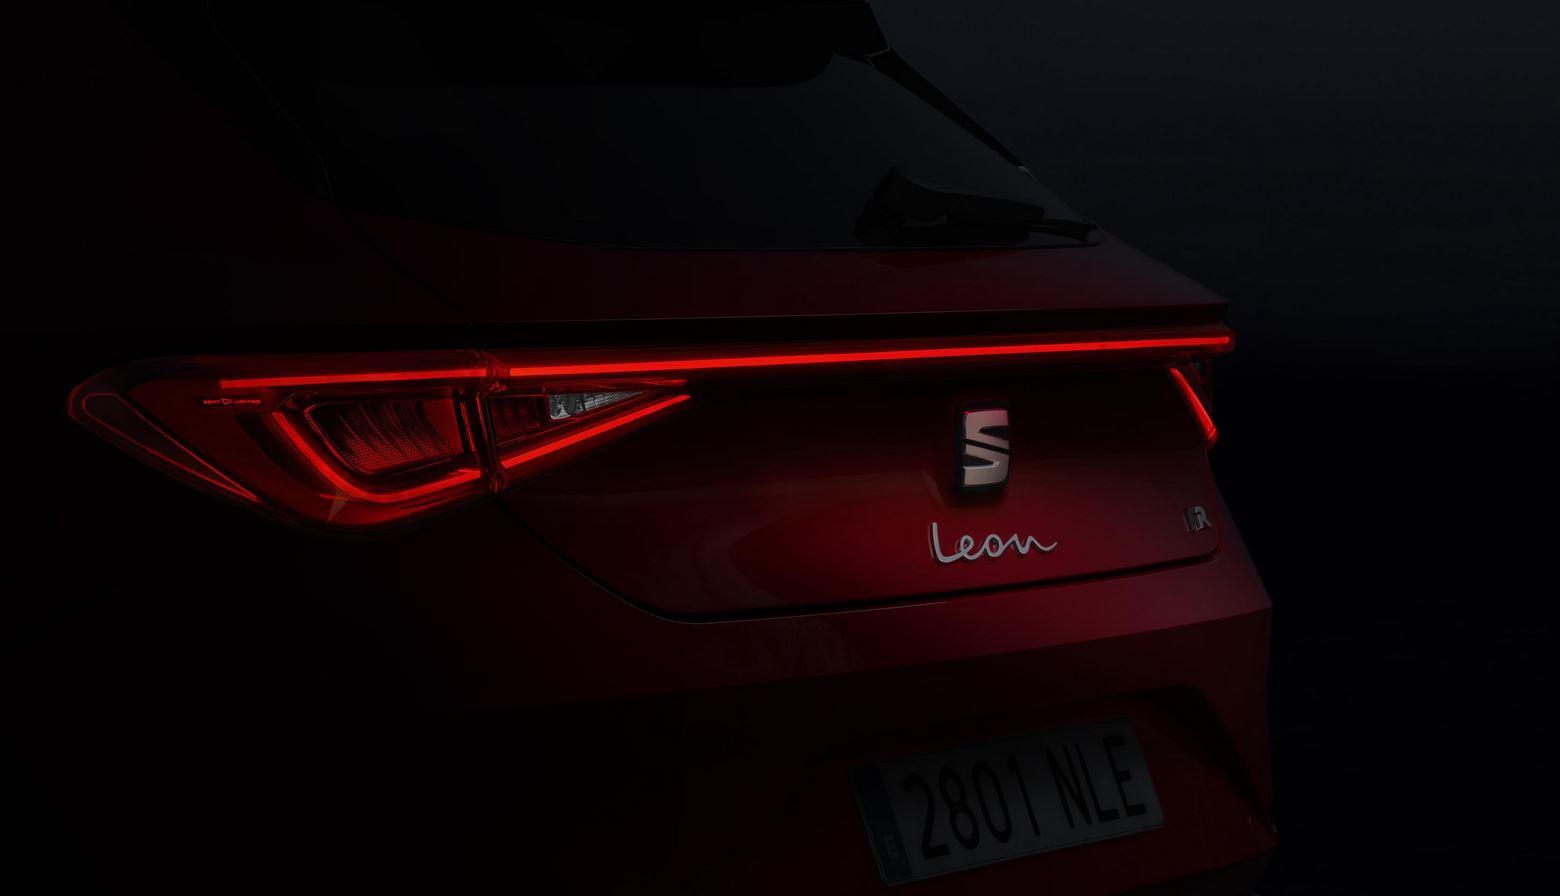 La nova generació del León portarà una important evolució en el seu disseny